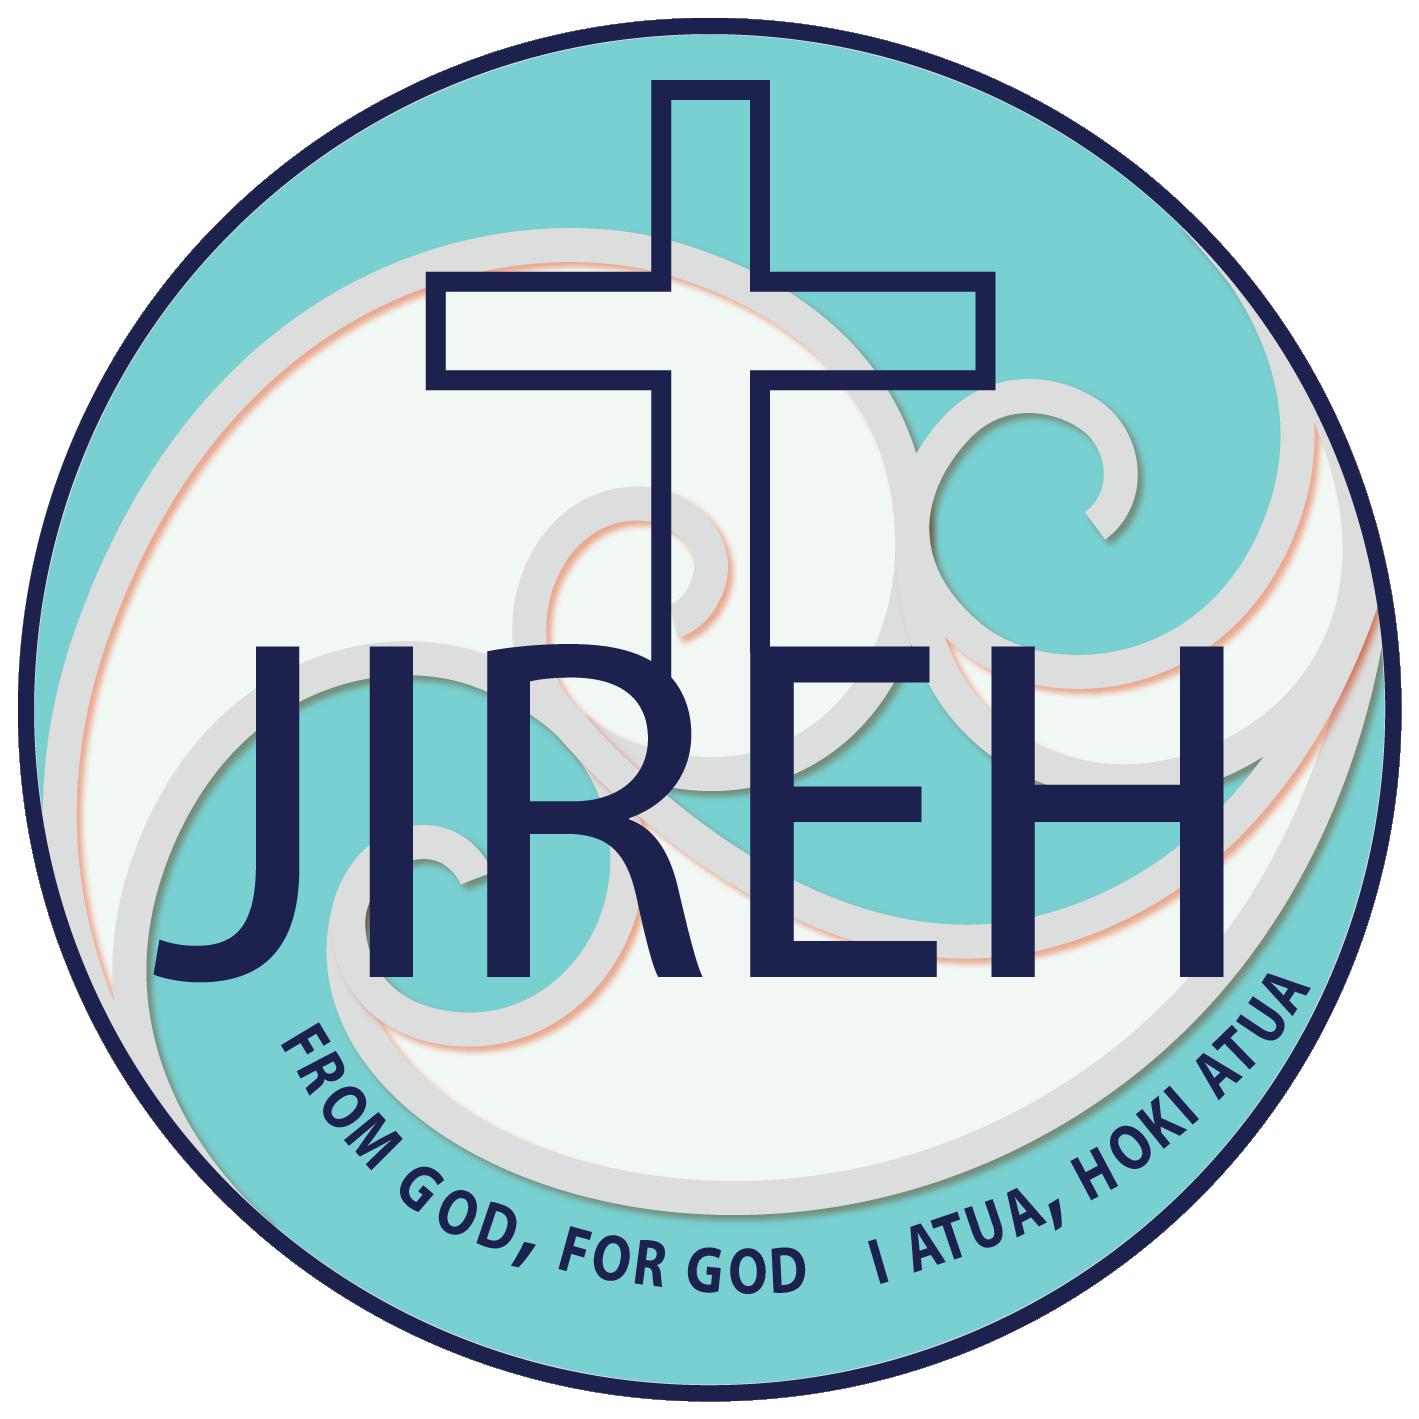 Jireh_LOGO.png